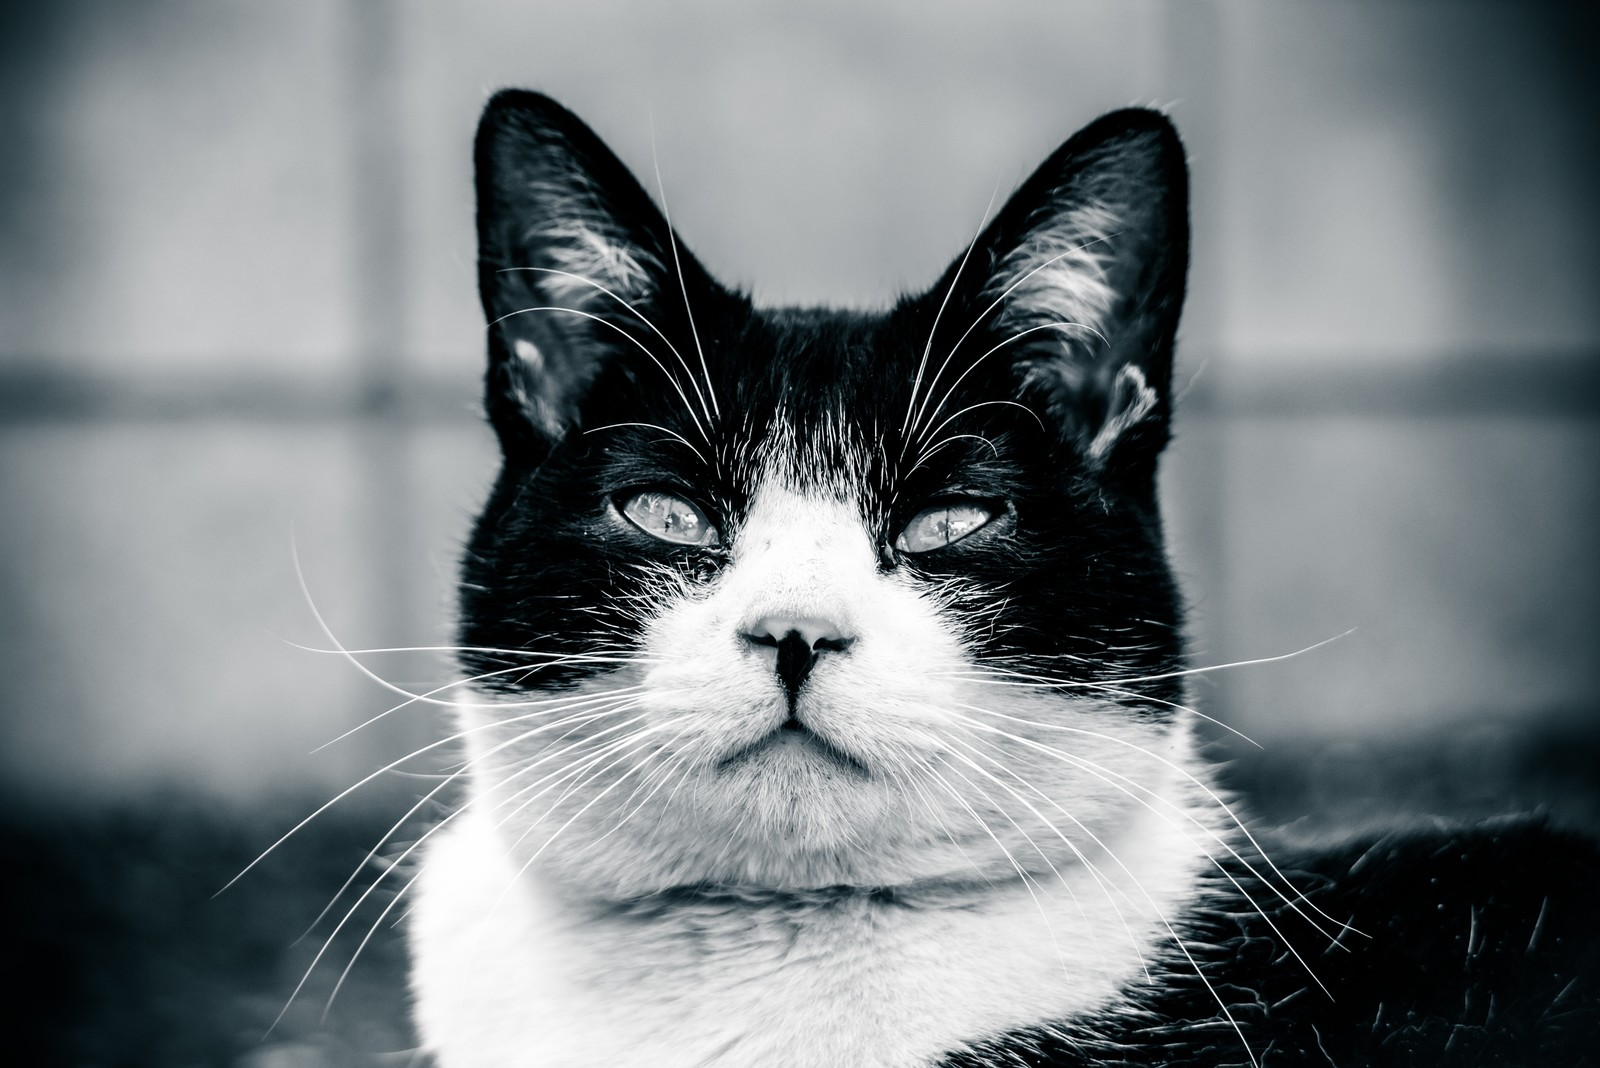 「意識の低いデブ猫」の写真